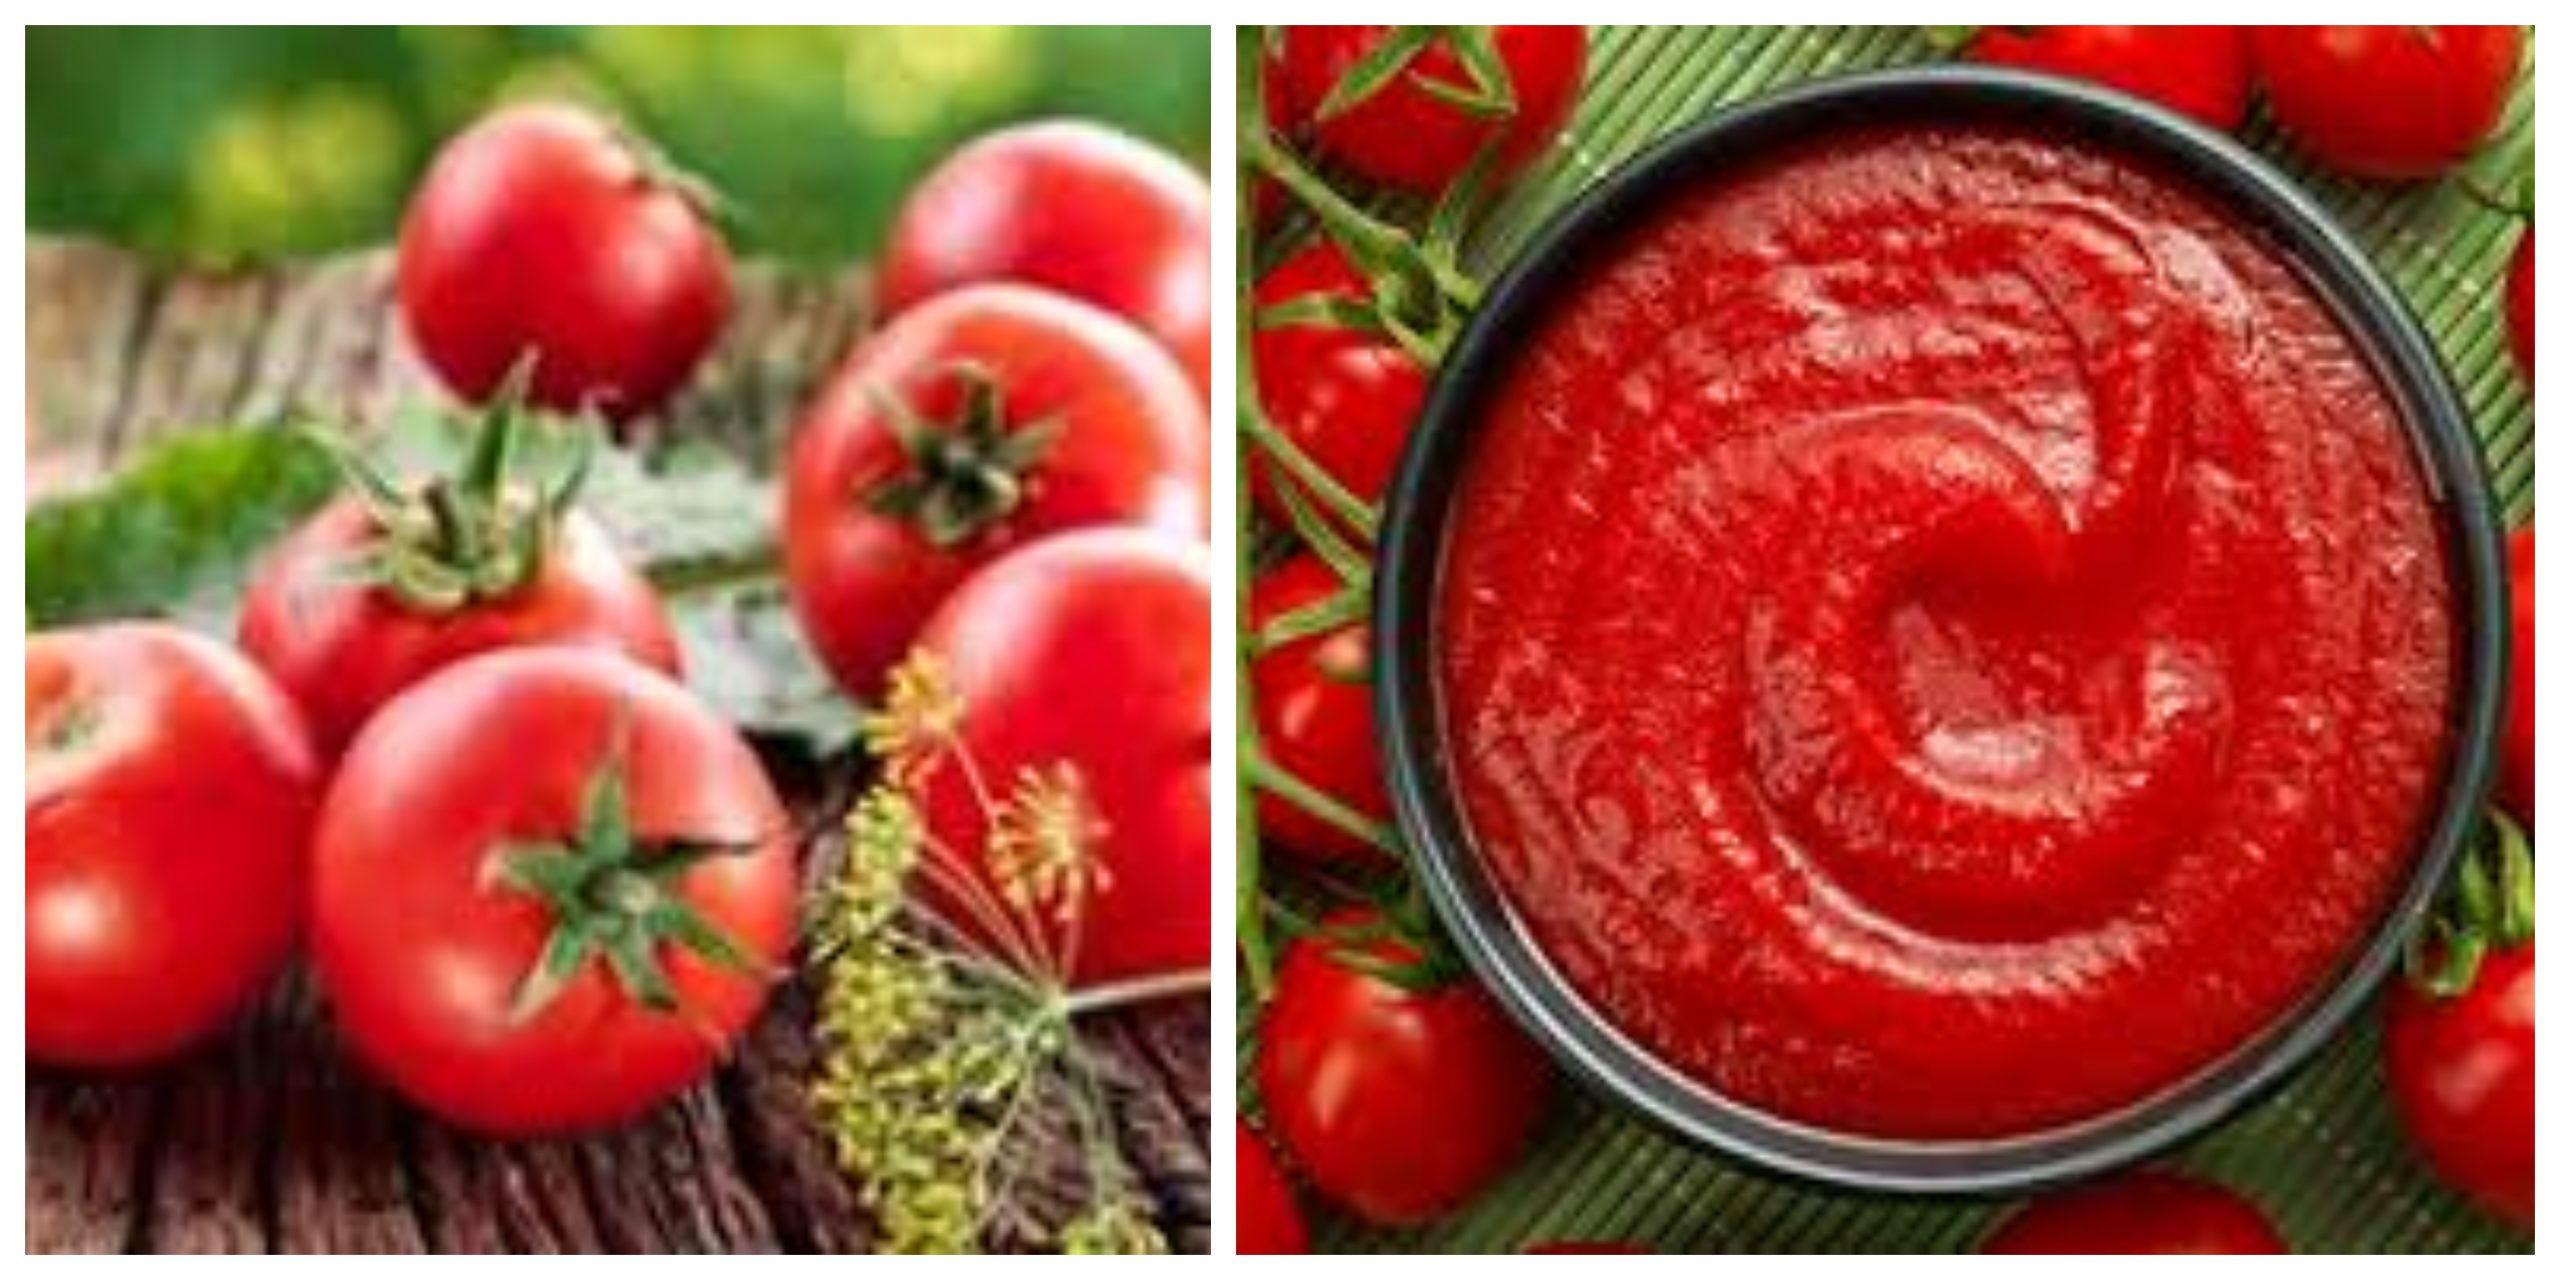 أفضل بدائل لاستخدام الطماطم المهروسة في الطبخ